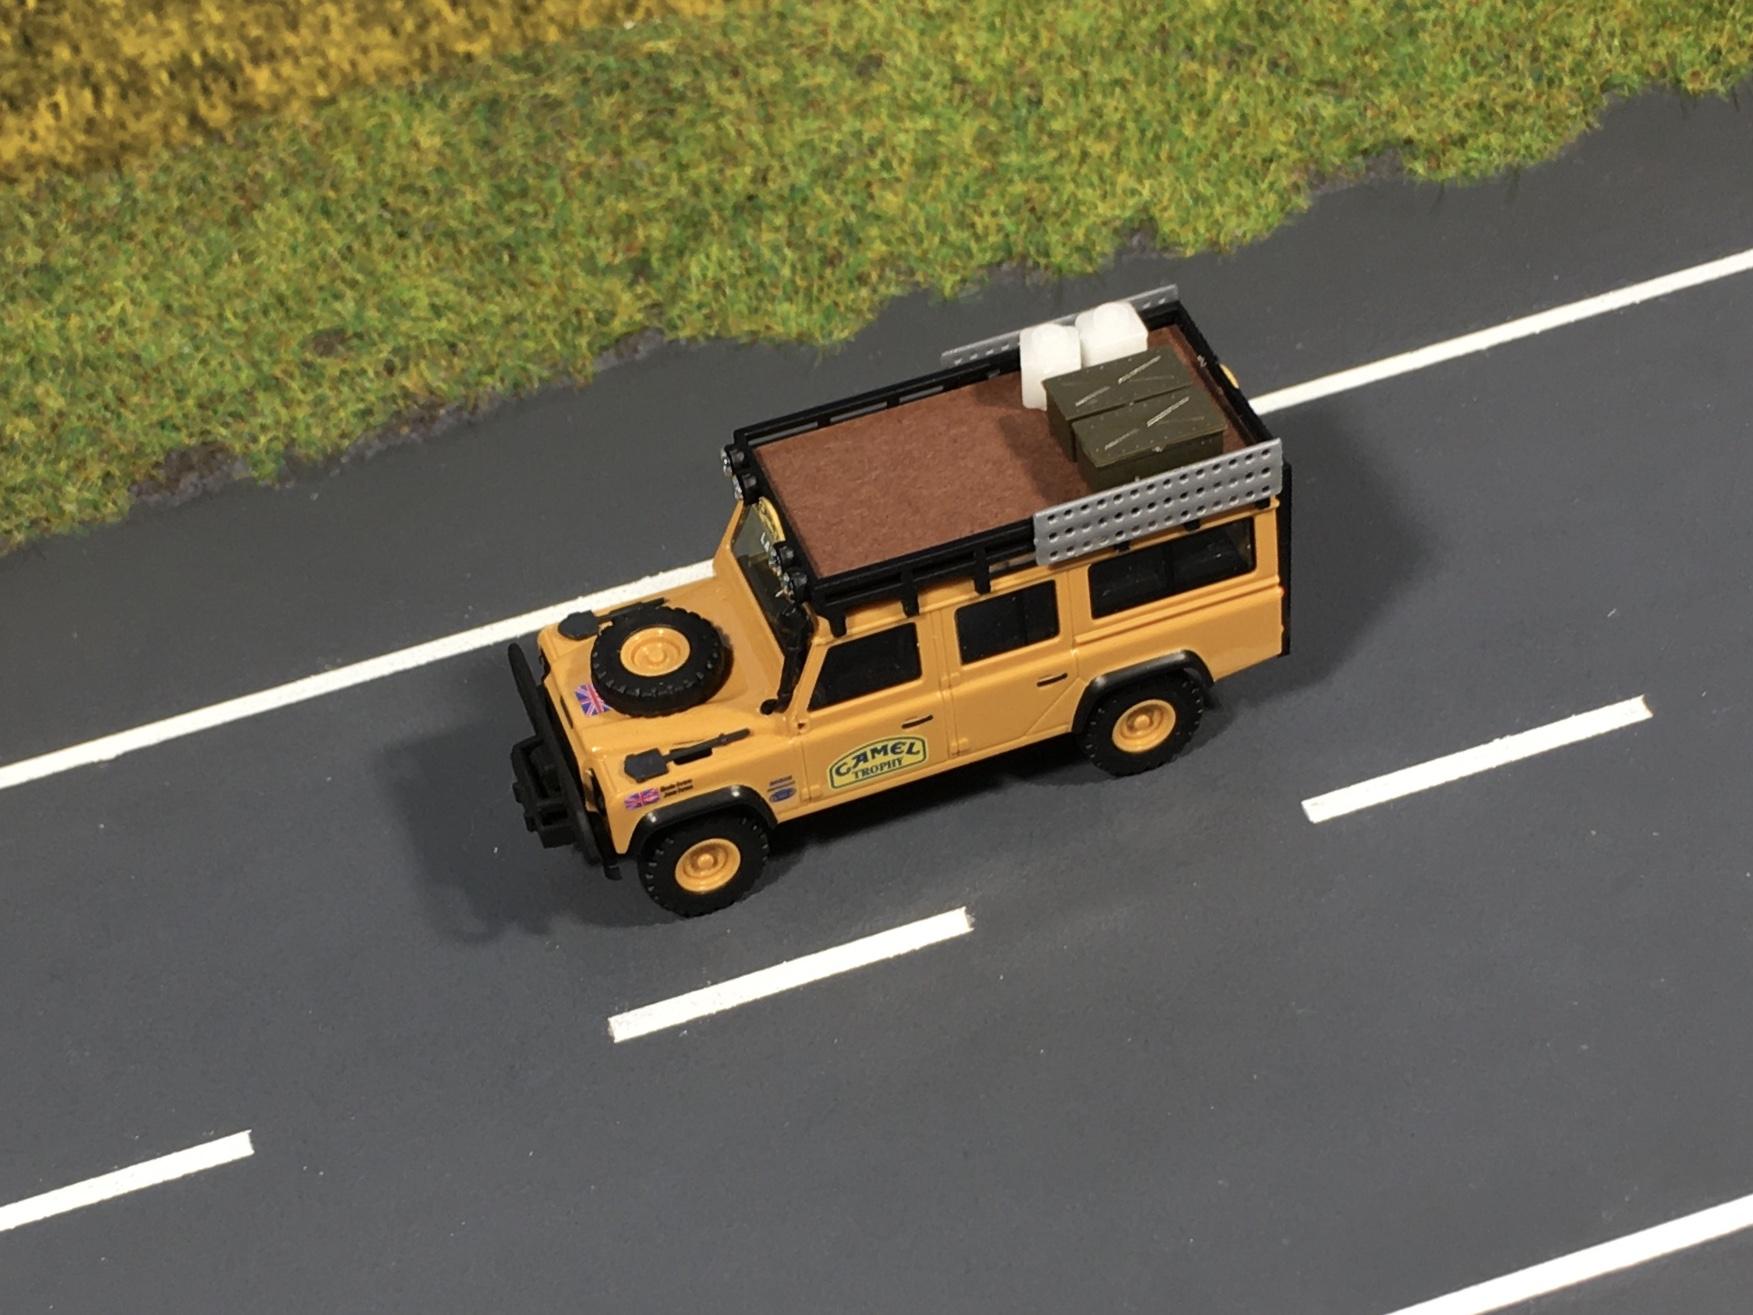 Land Rover Camel 005.jpg